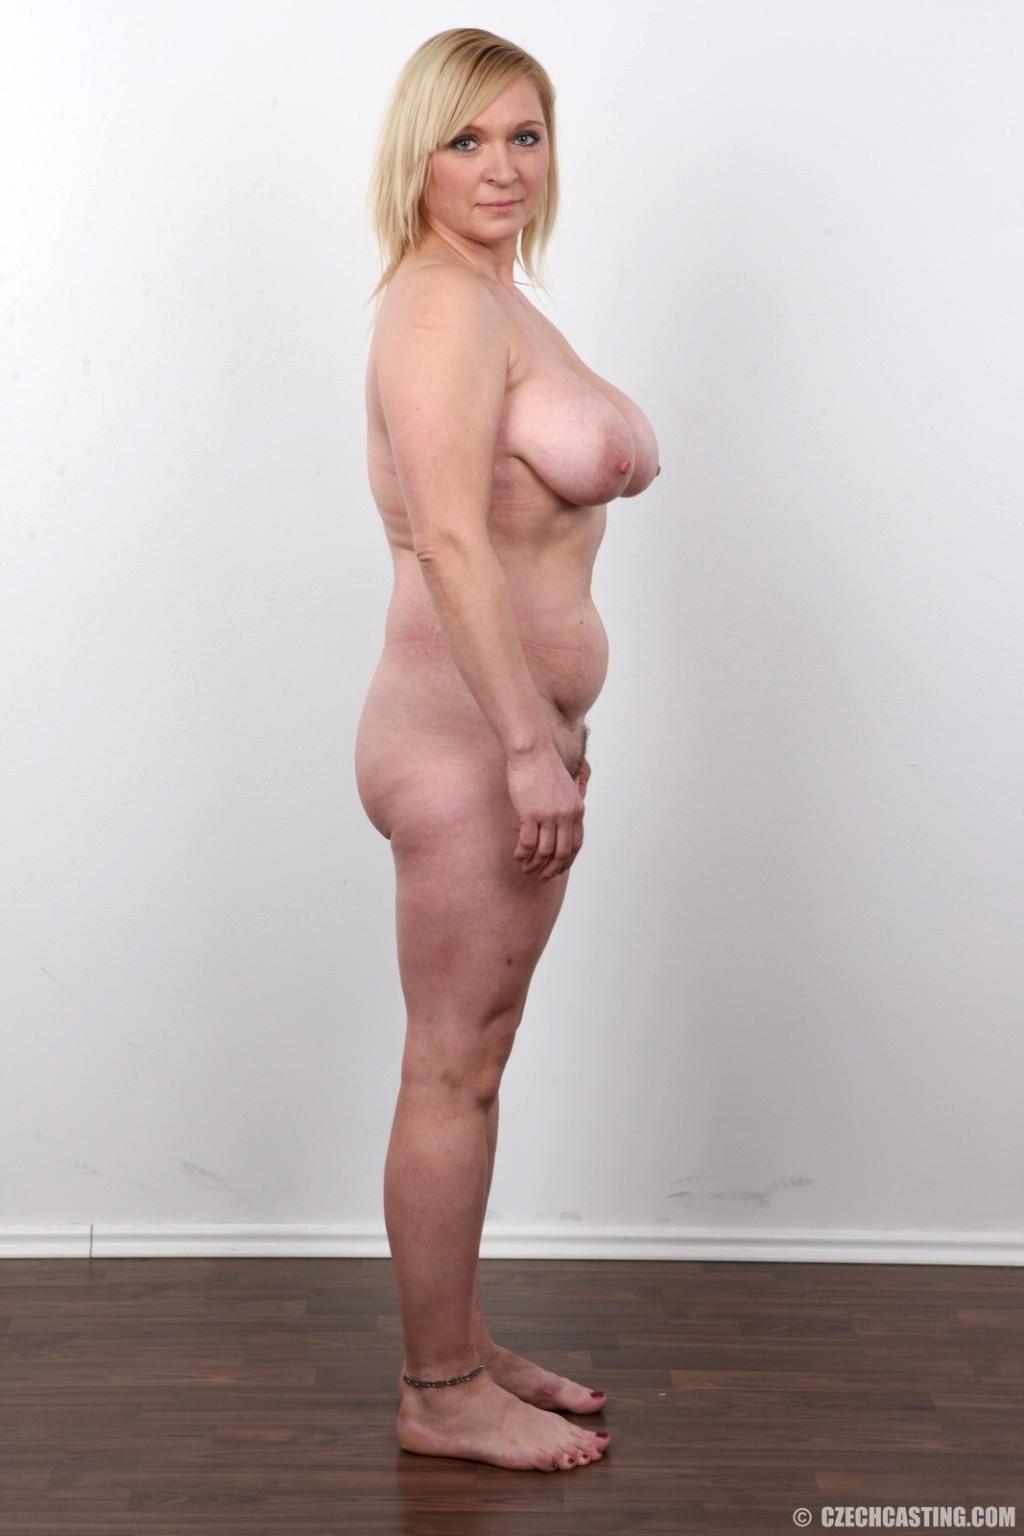 Manon mathews nude